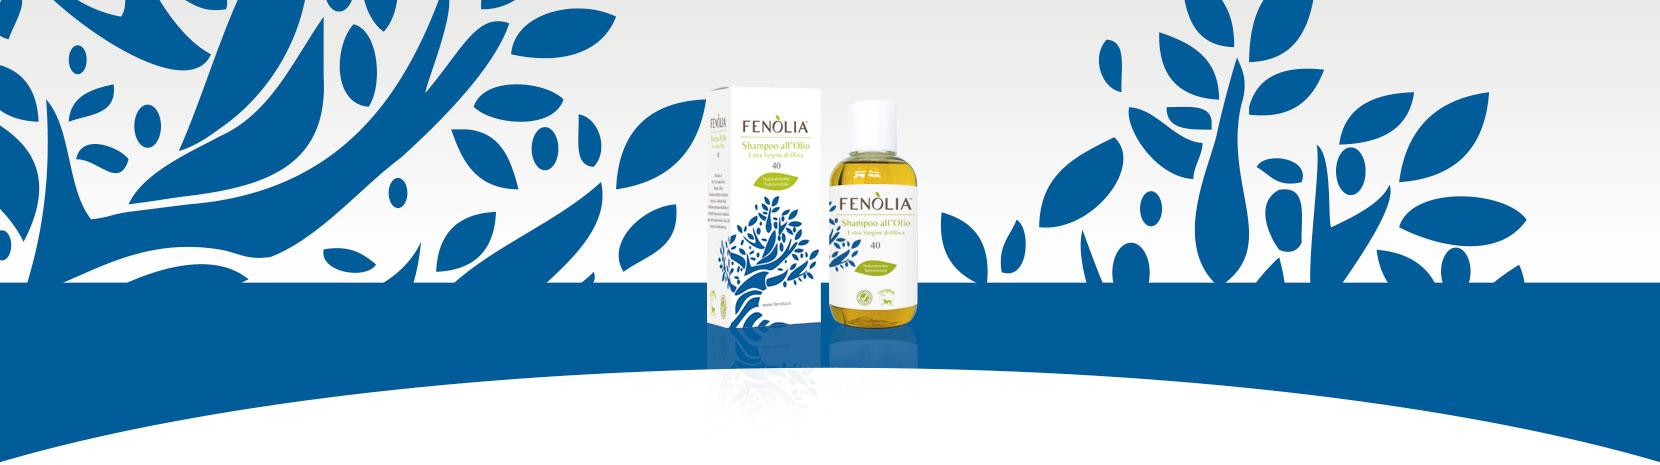 shampo olio extra vergine di oliva